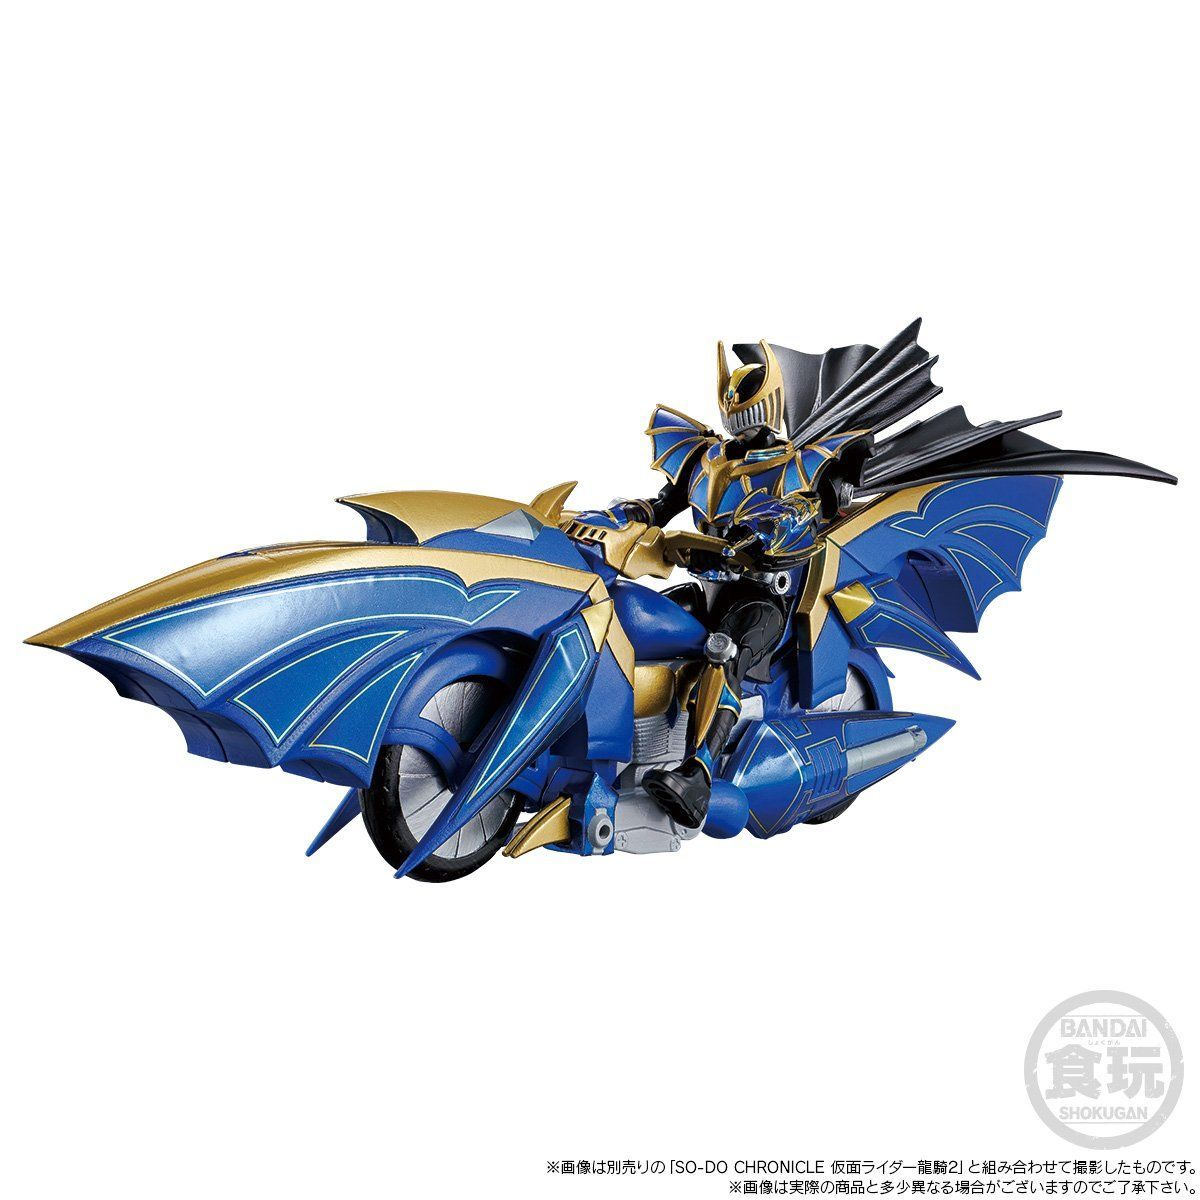 【限定販売】【食玩】SO-DO CHRONICLE『仮面ライダー龍騎 ダークレイダーセット』可動フィギュア-006